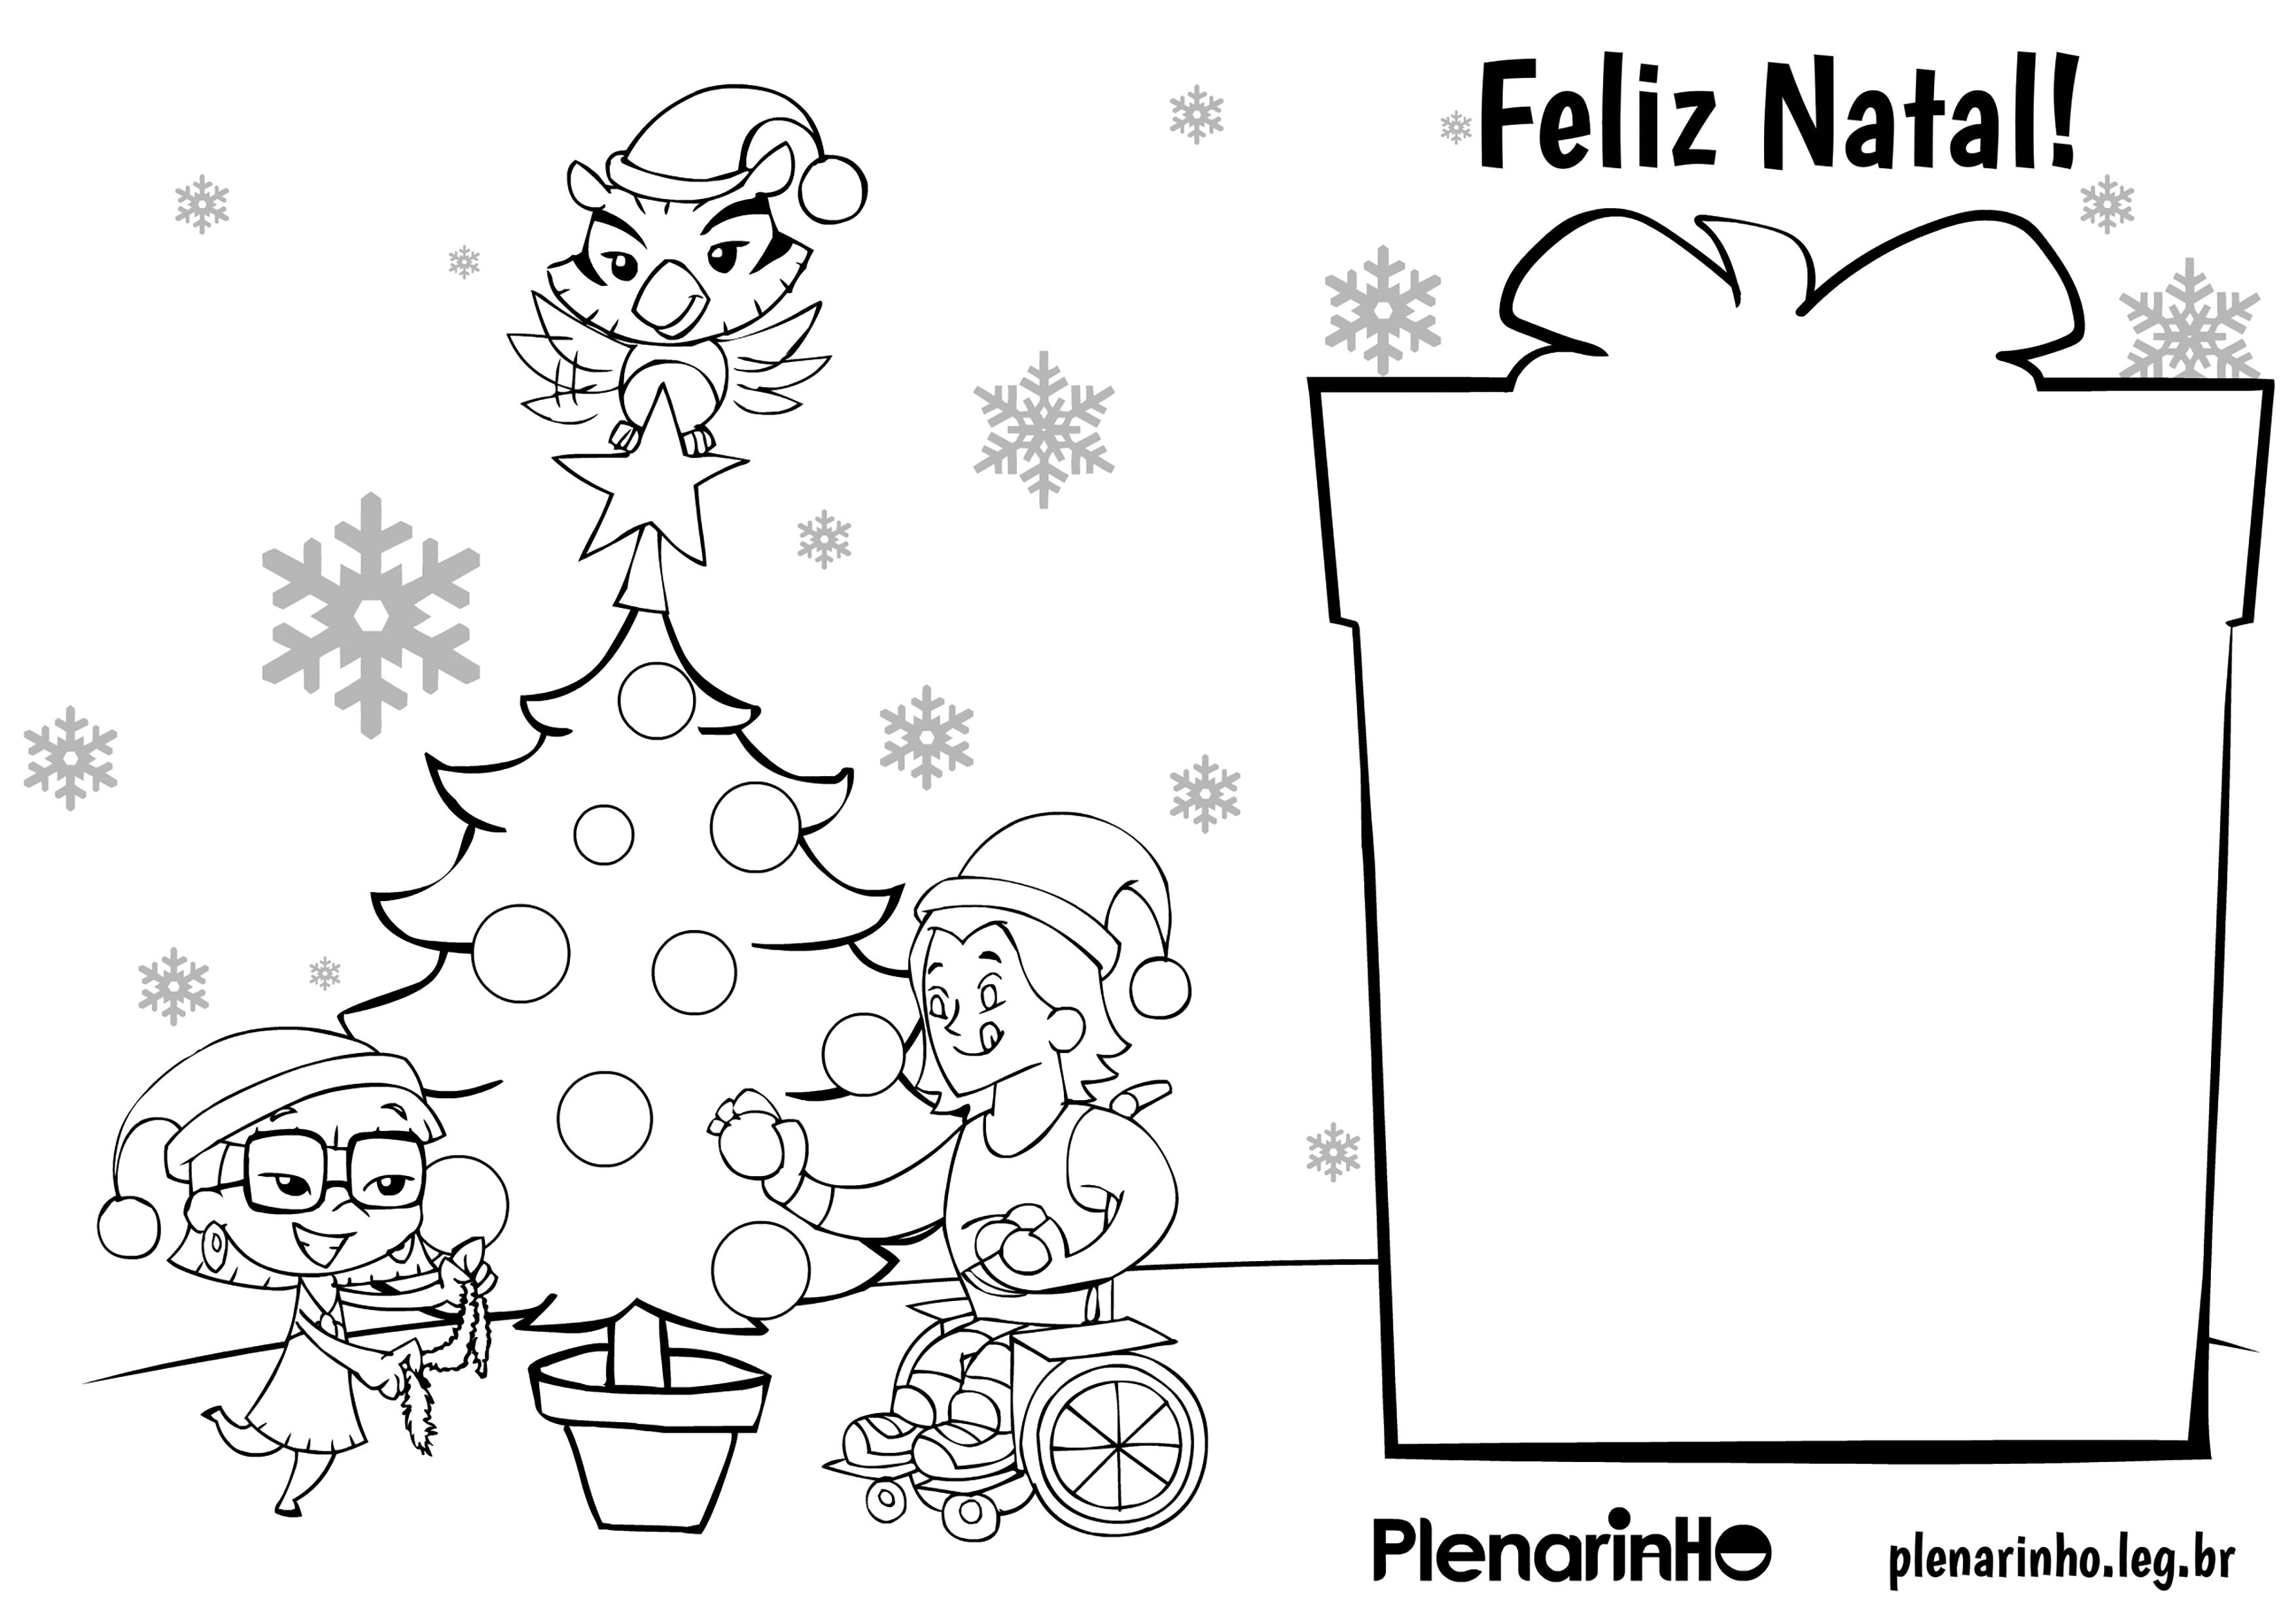 Distribua Cartoes De Natal Com O Plenarinho Plenarinho Camara